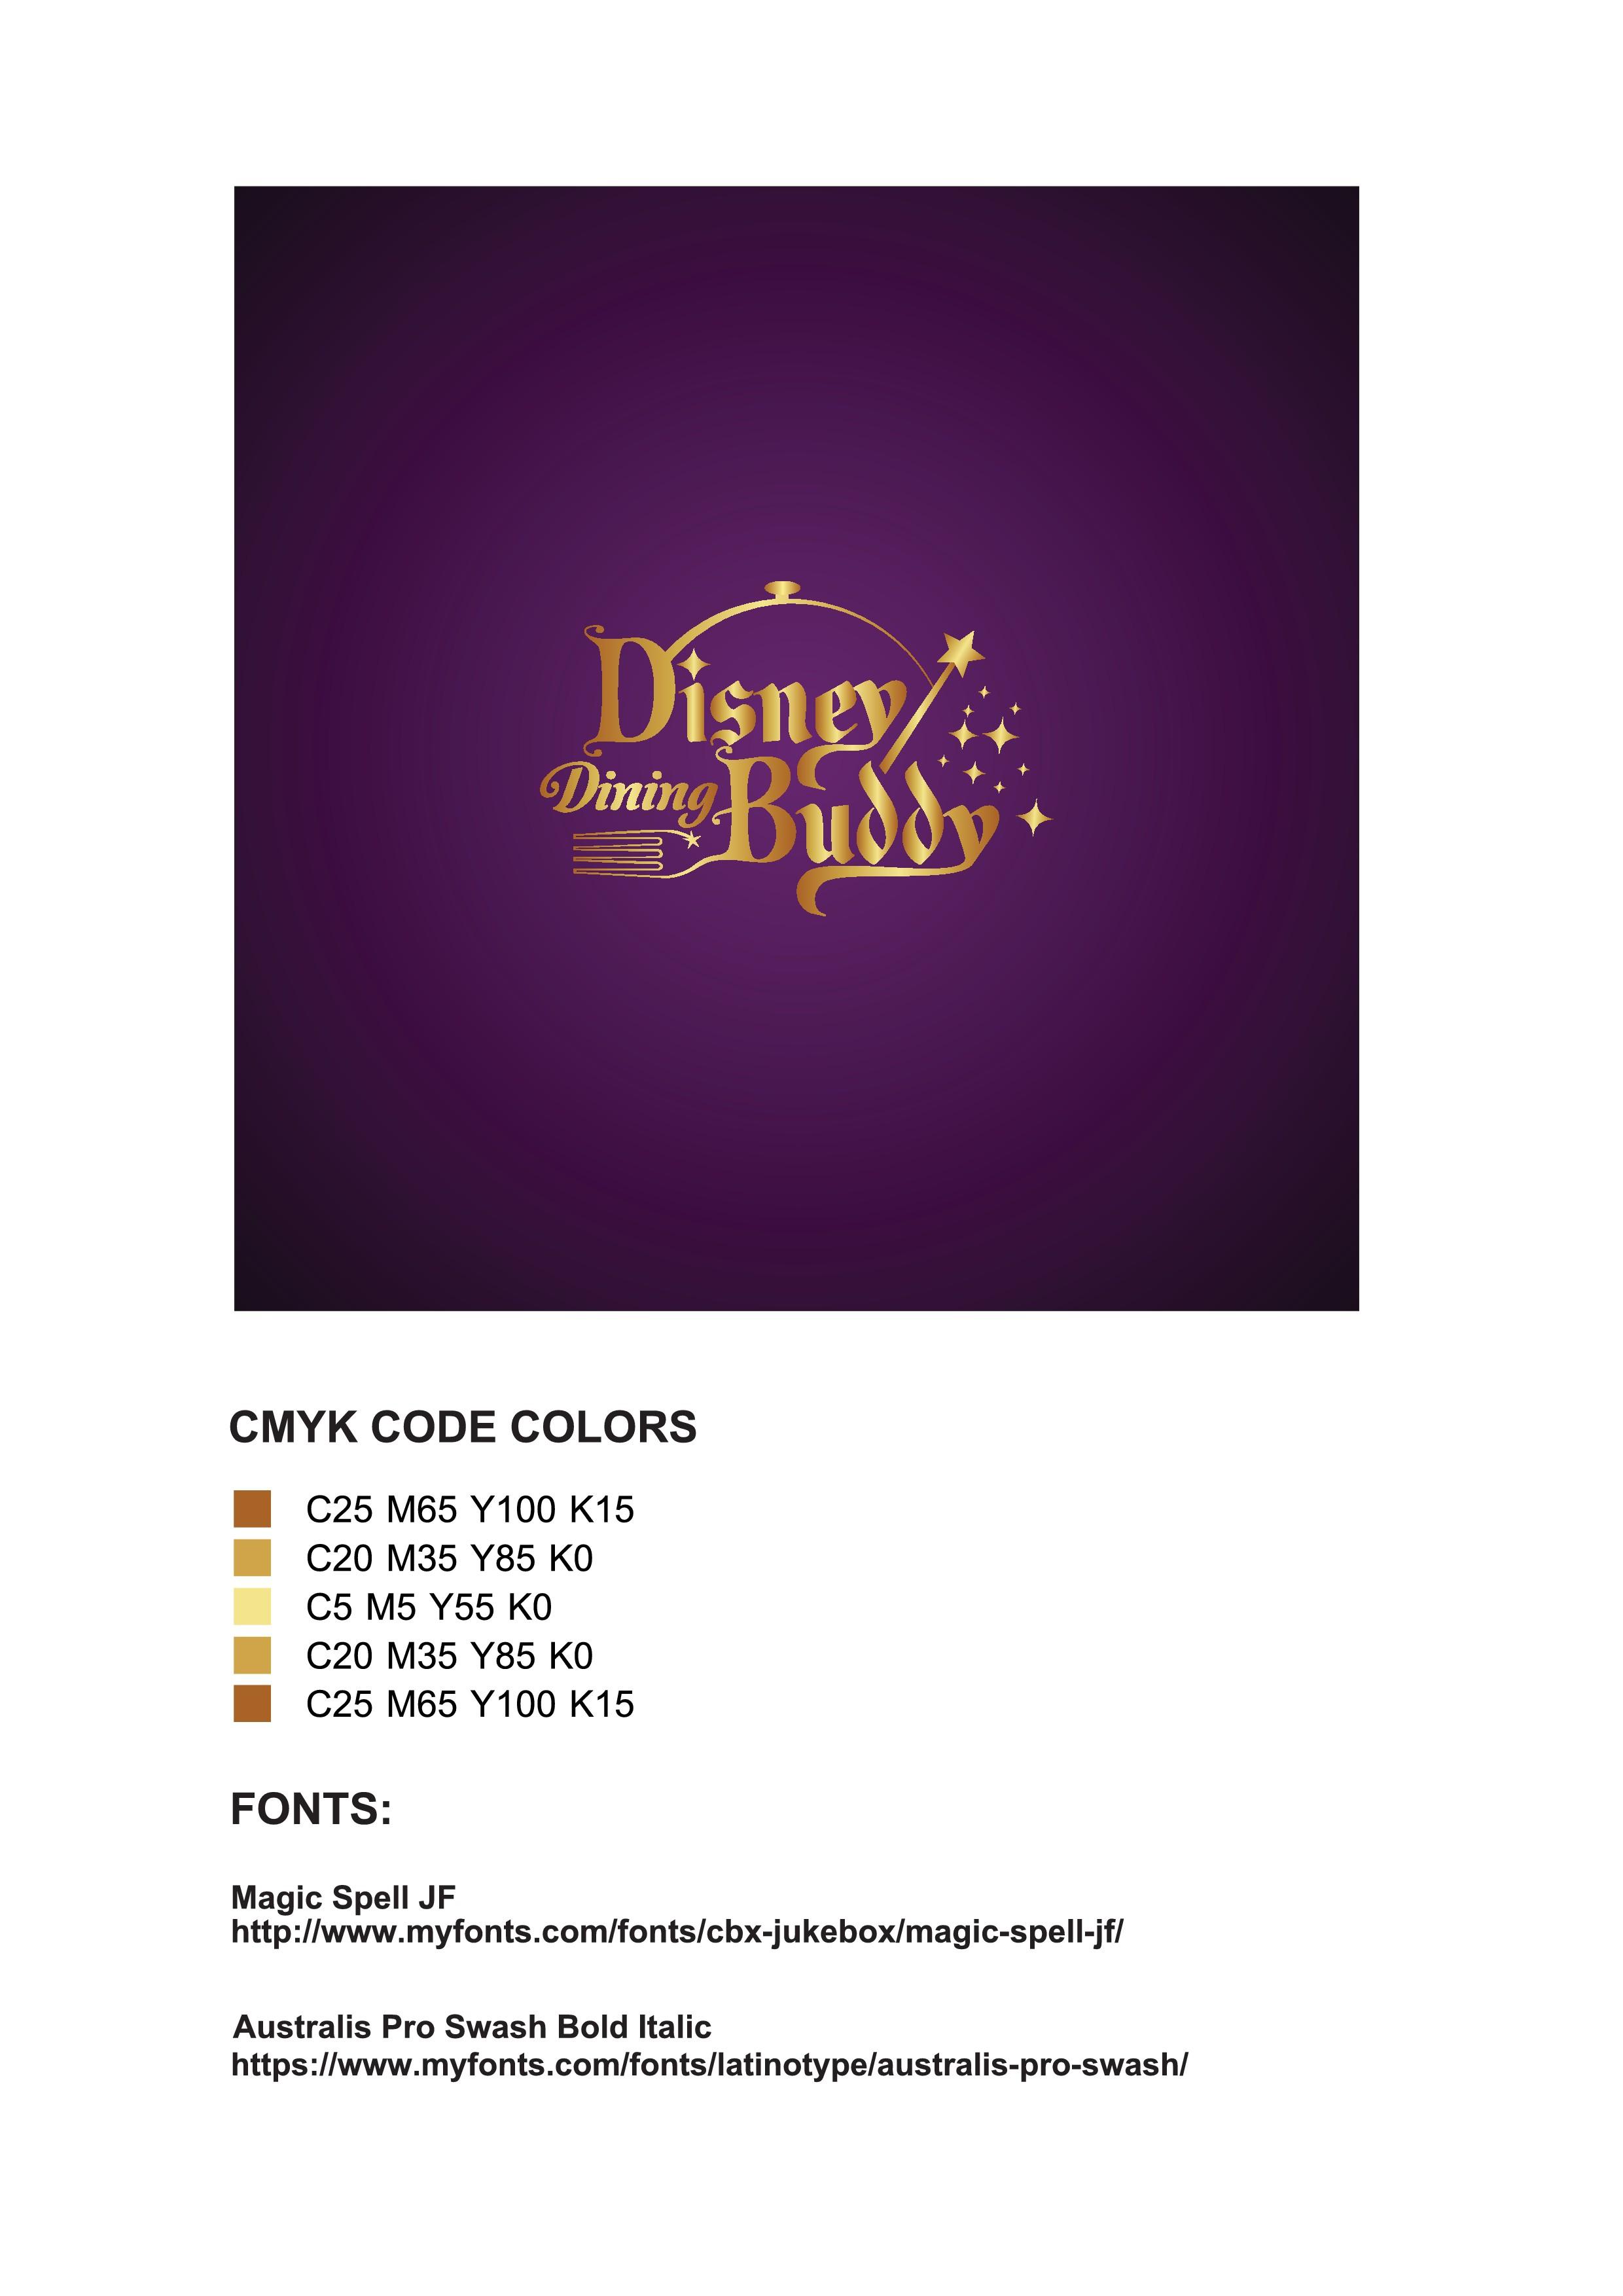 Create a fresh logo for Disney Dining Buddy